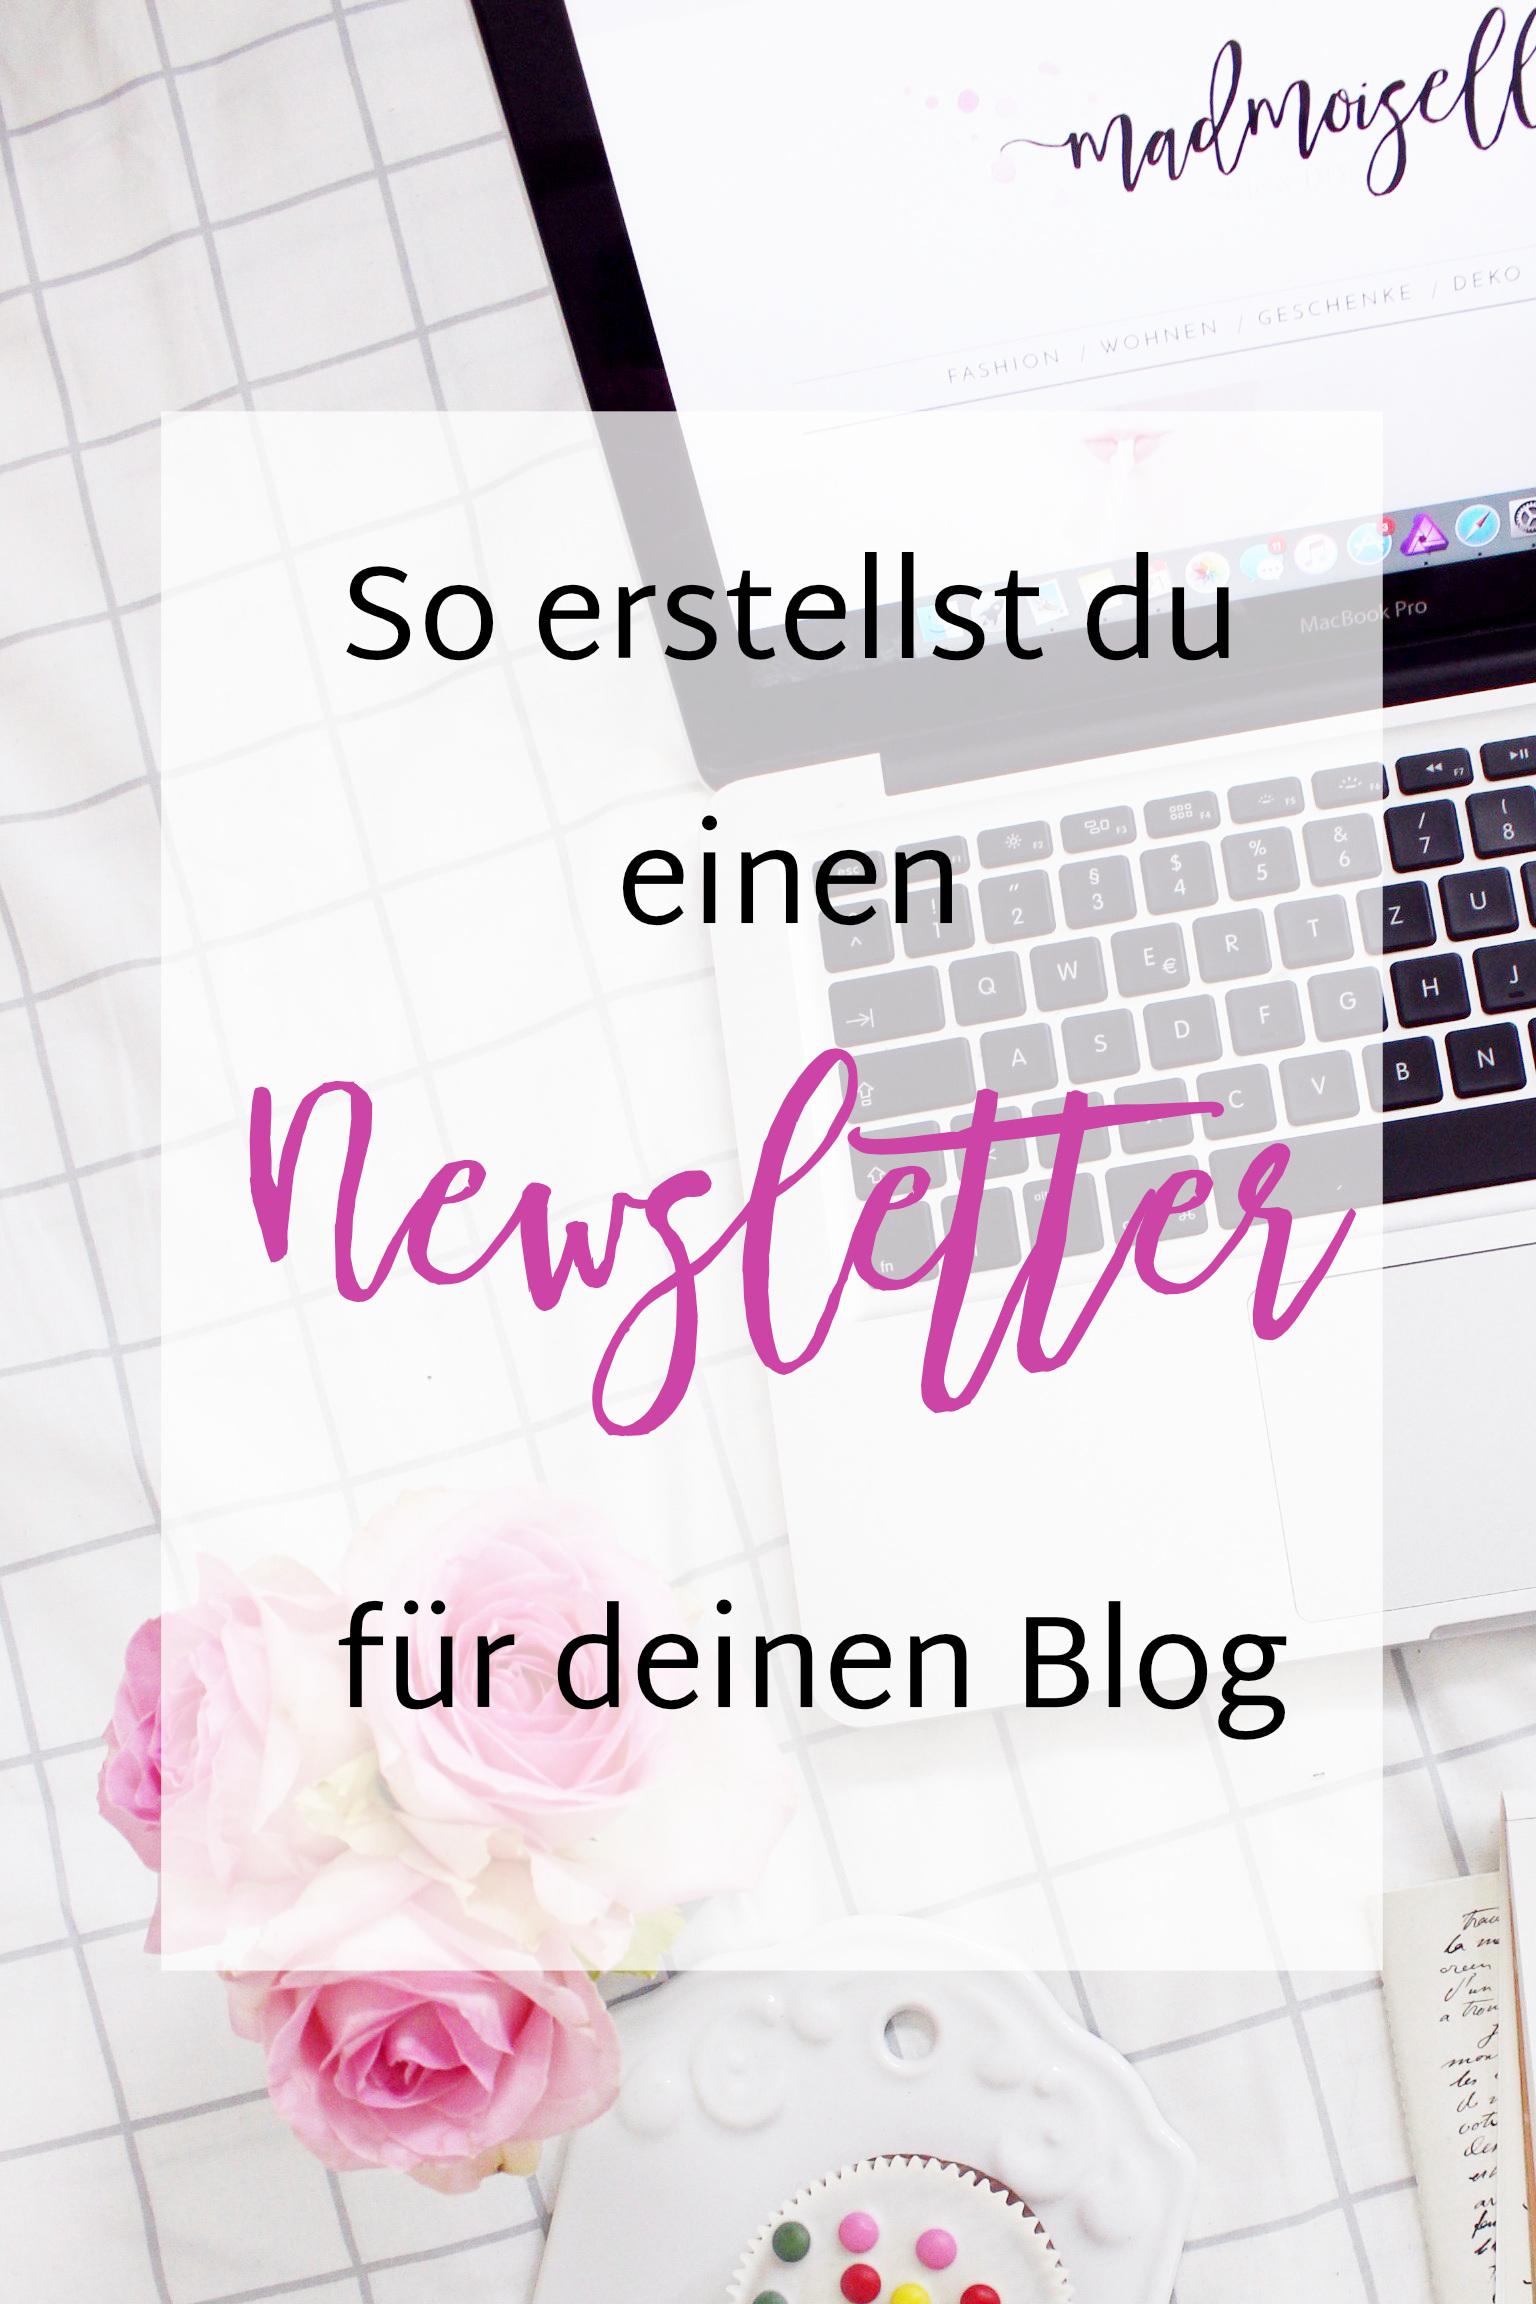 Newsletter Marketing- So erstellst du einen Newsletter fuer deinen Blog